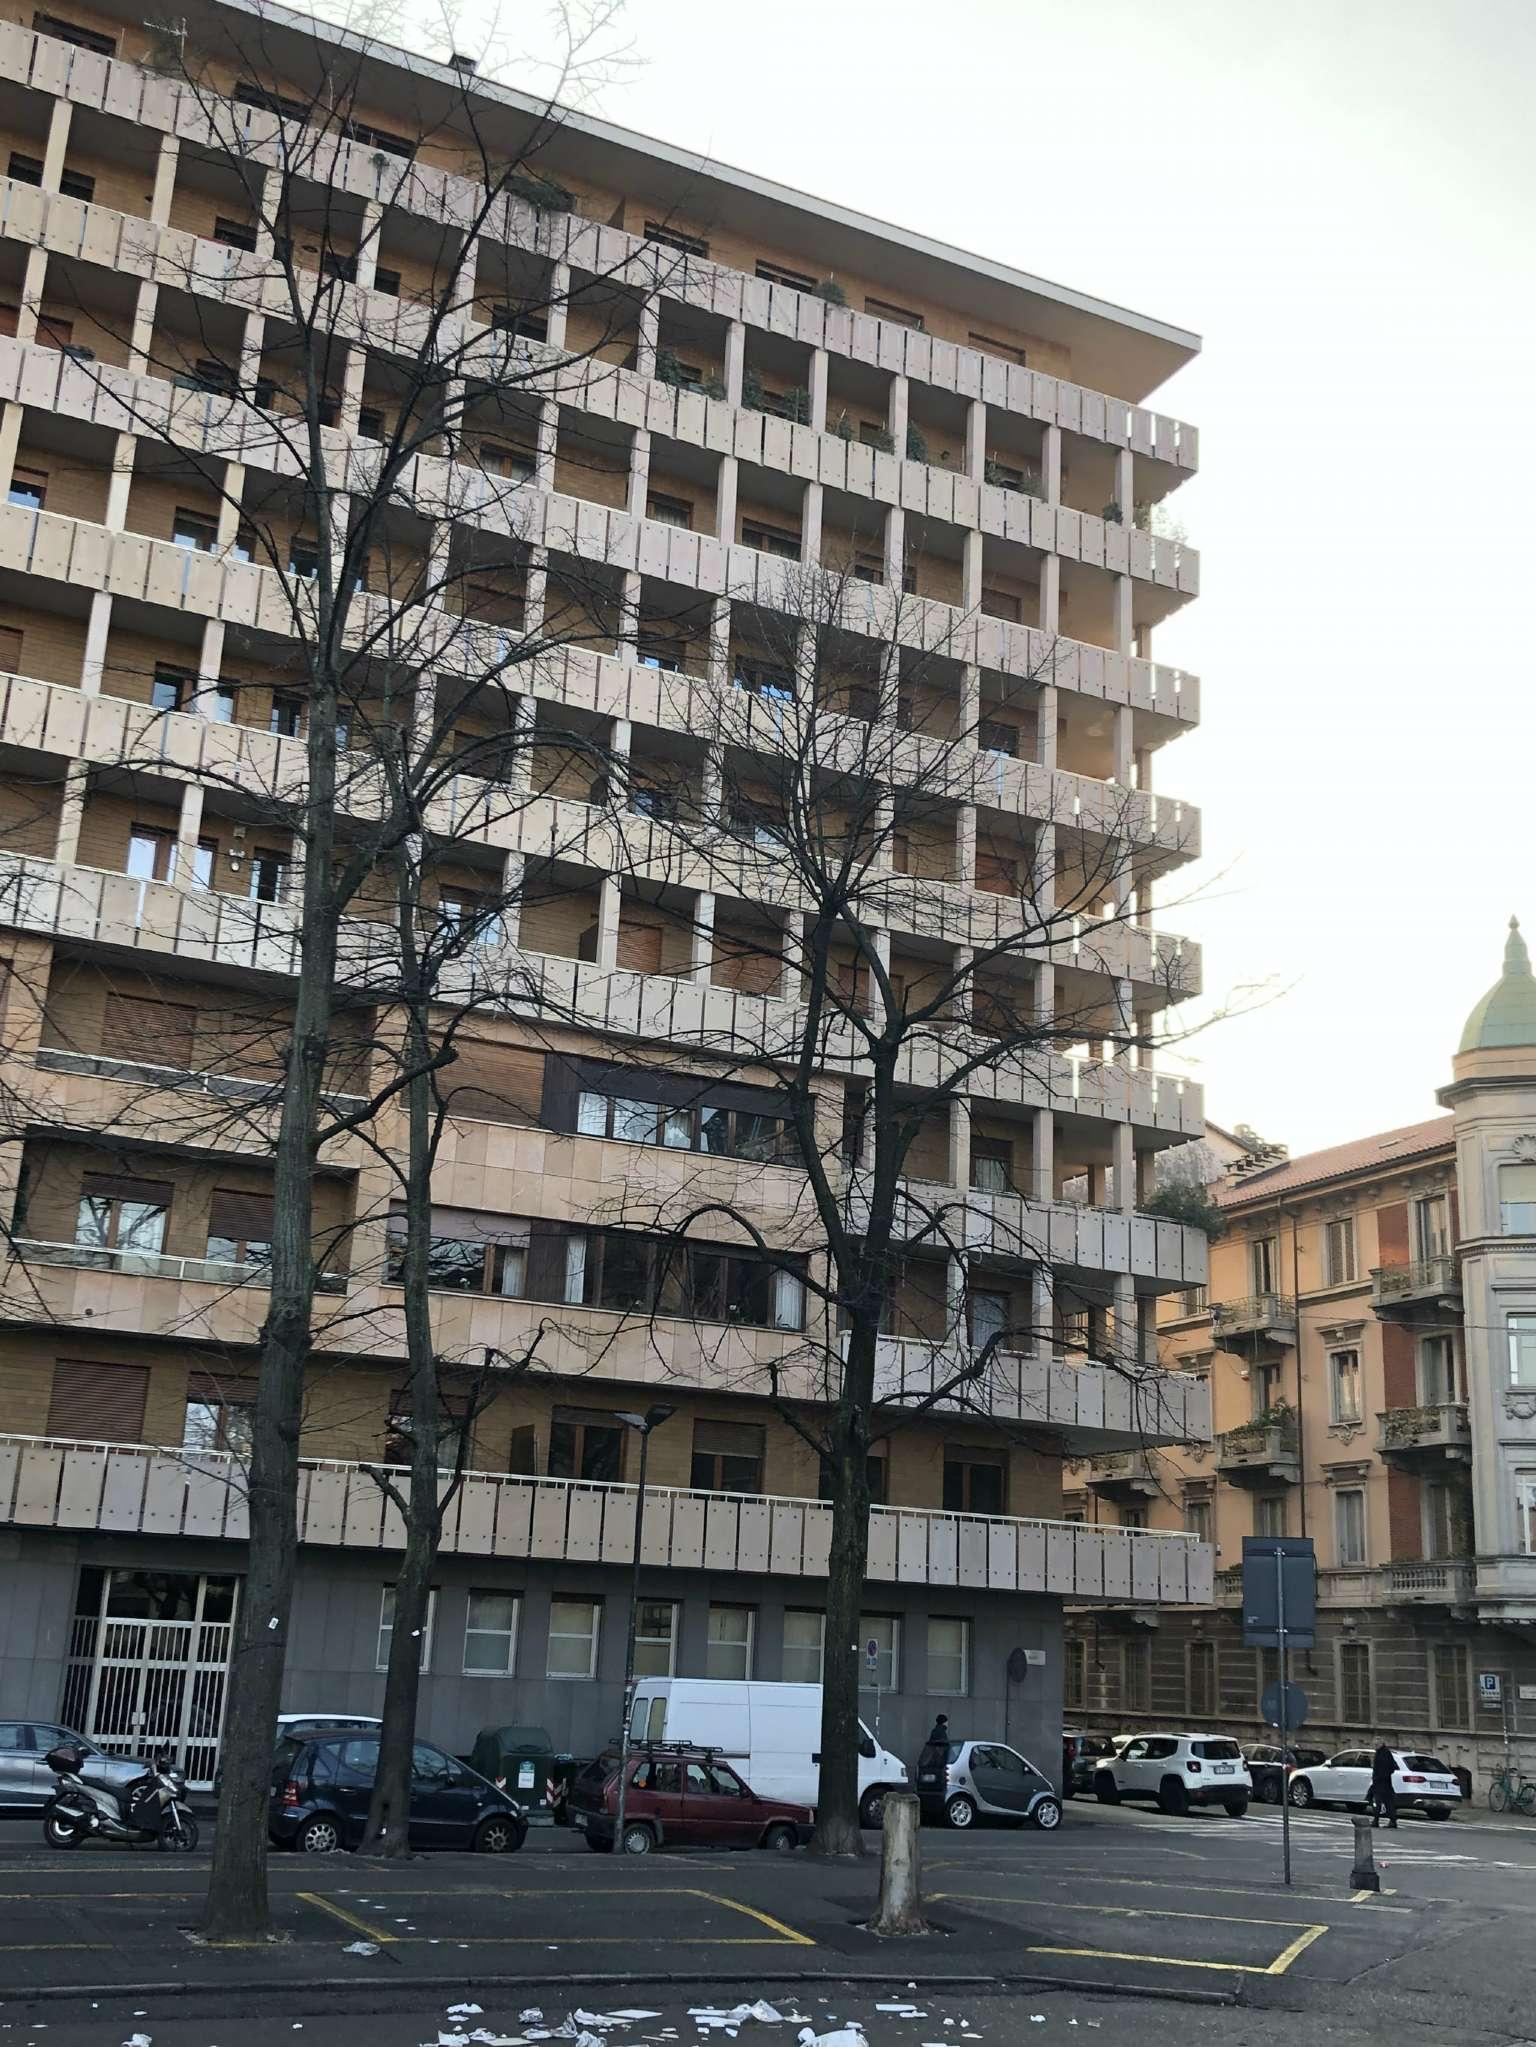 via   Susa 19 - Torino - RISTRUTTURATO E MAI ABITATO